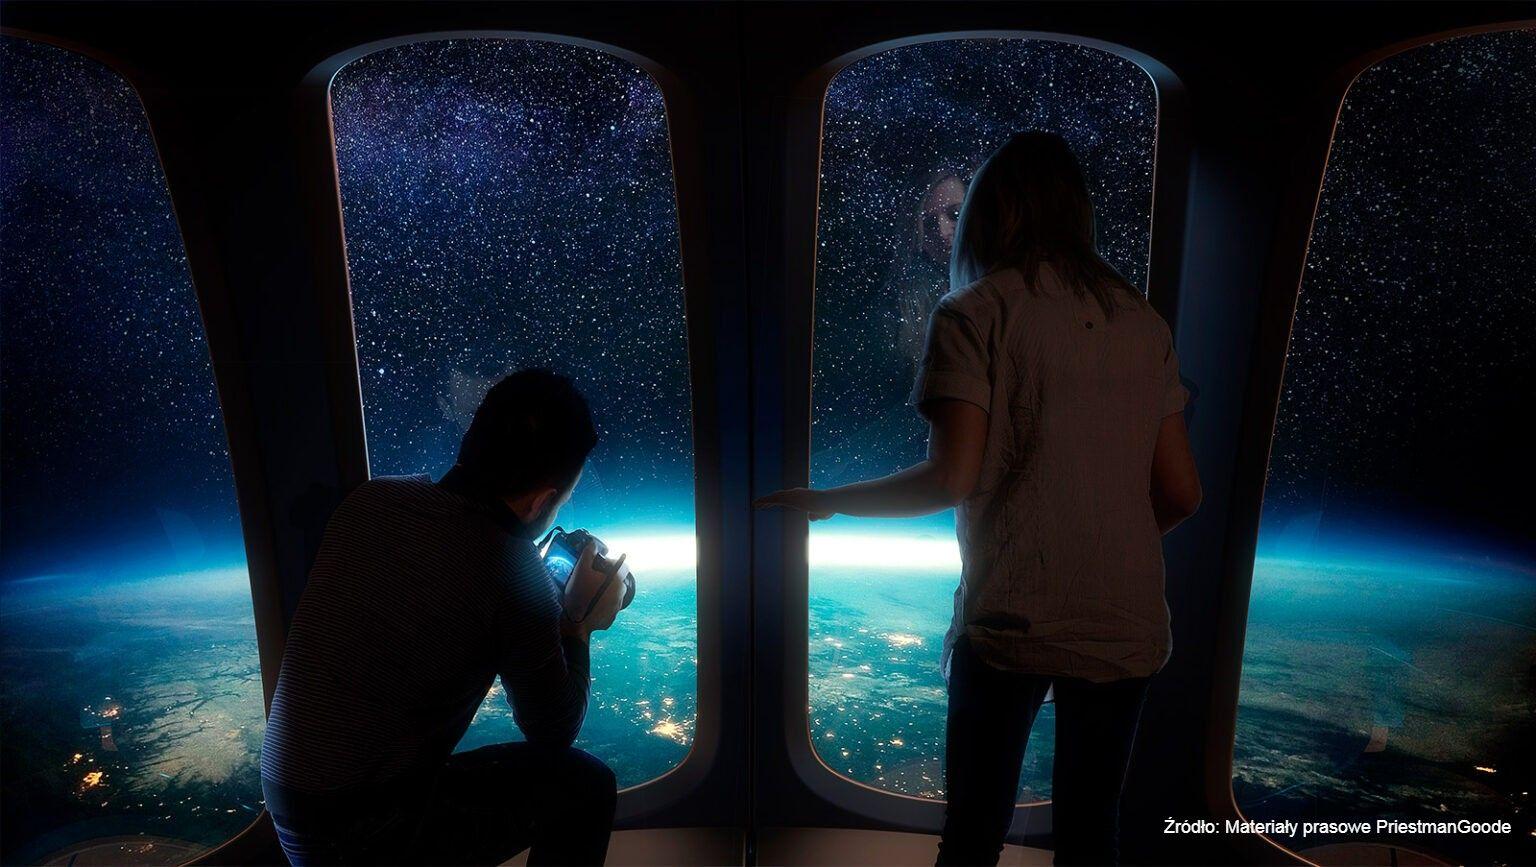 W kosmos polecimy balonem. Ziemię z wysokości ponad 30 kilometrów będzie można obejrzeć z kapsuły z widokiem 360 stopni